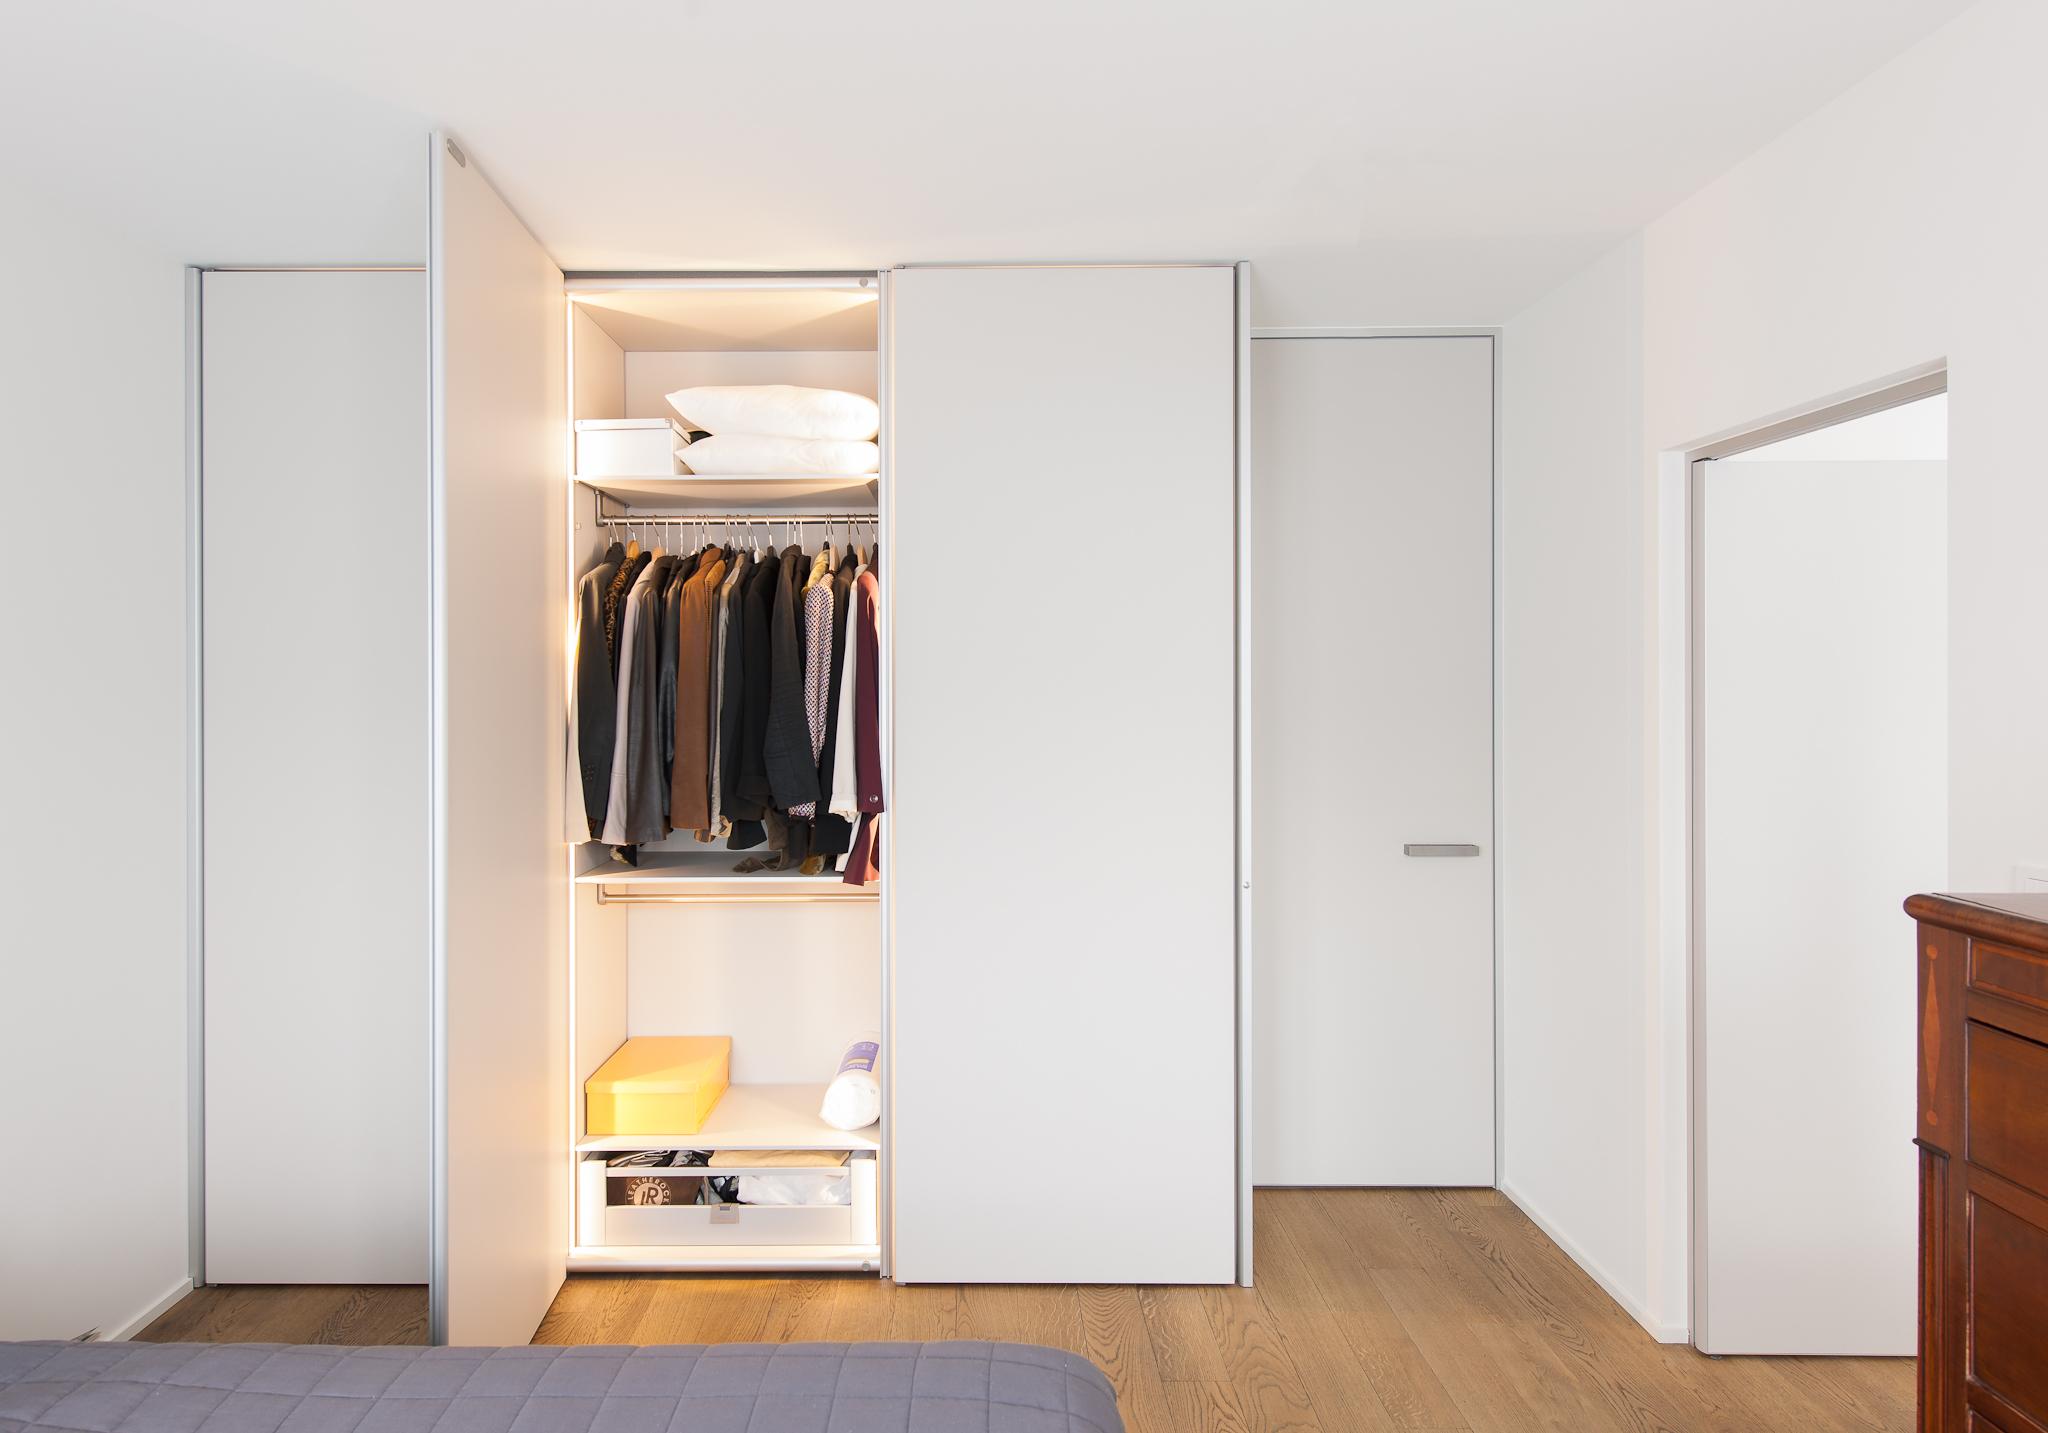 Praktische tips uw dressing functioneel inrichten anyway doors blog - Tips dressing ...